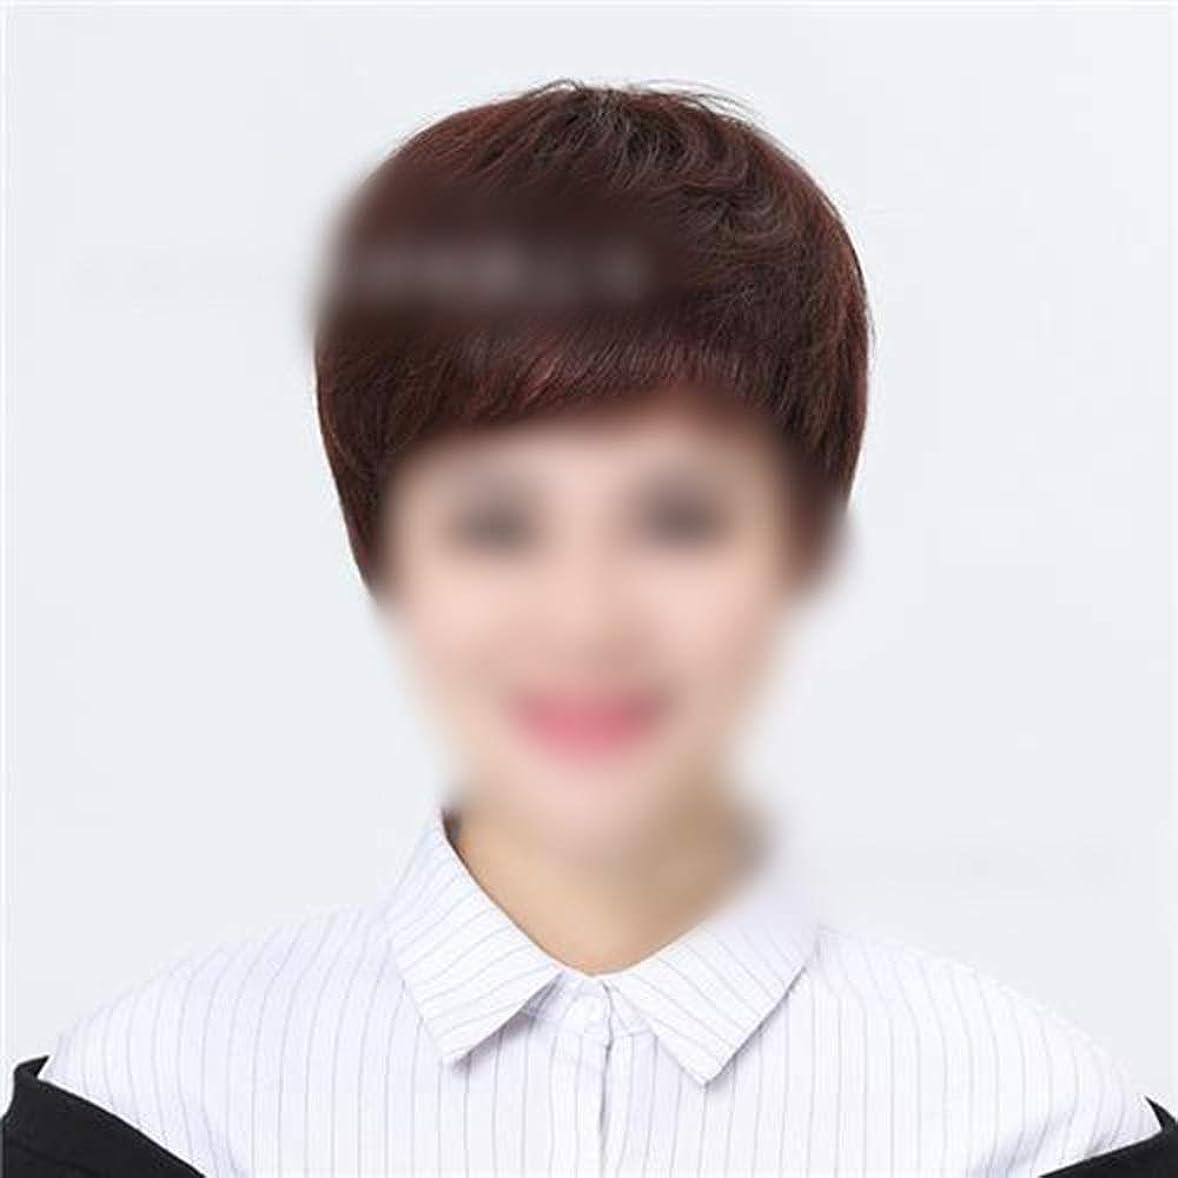 アッパー杖しかしYrattary ロールプレイングかつらキャップ自然な探している短い髪のフルハンド織リアルヘアウィッグ (色 : Dark brown)